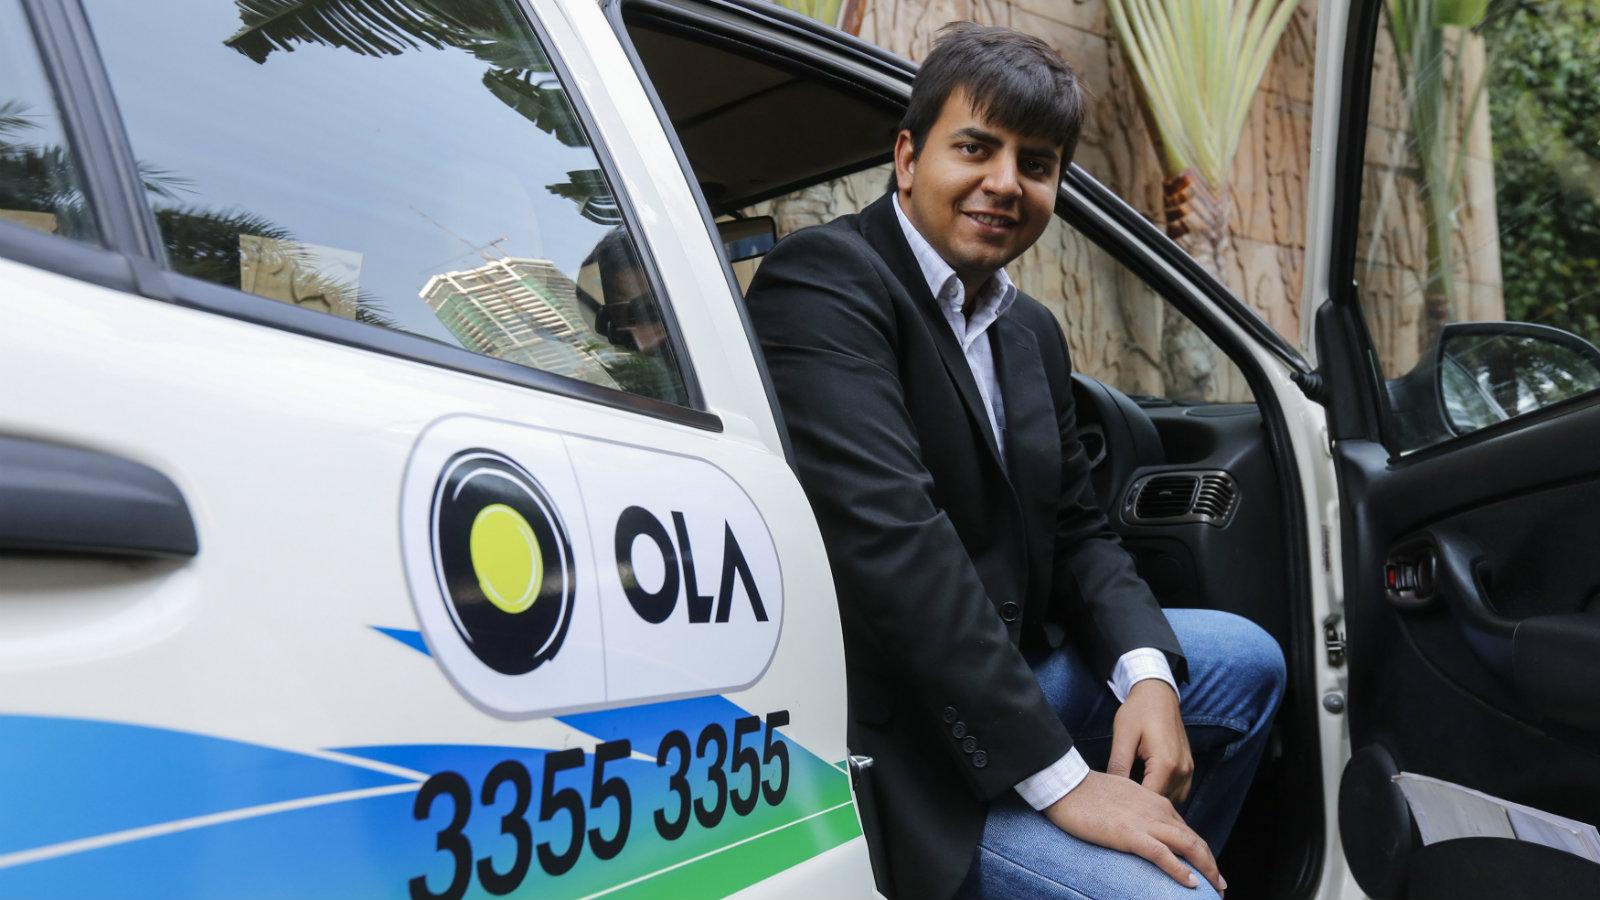 Ola-India-Startup